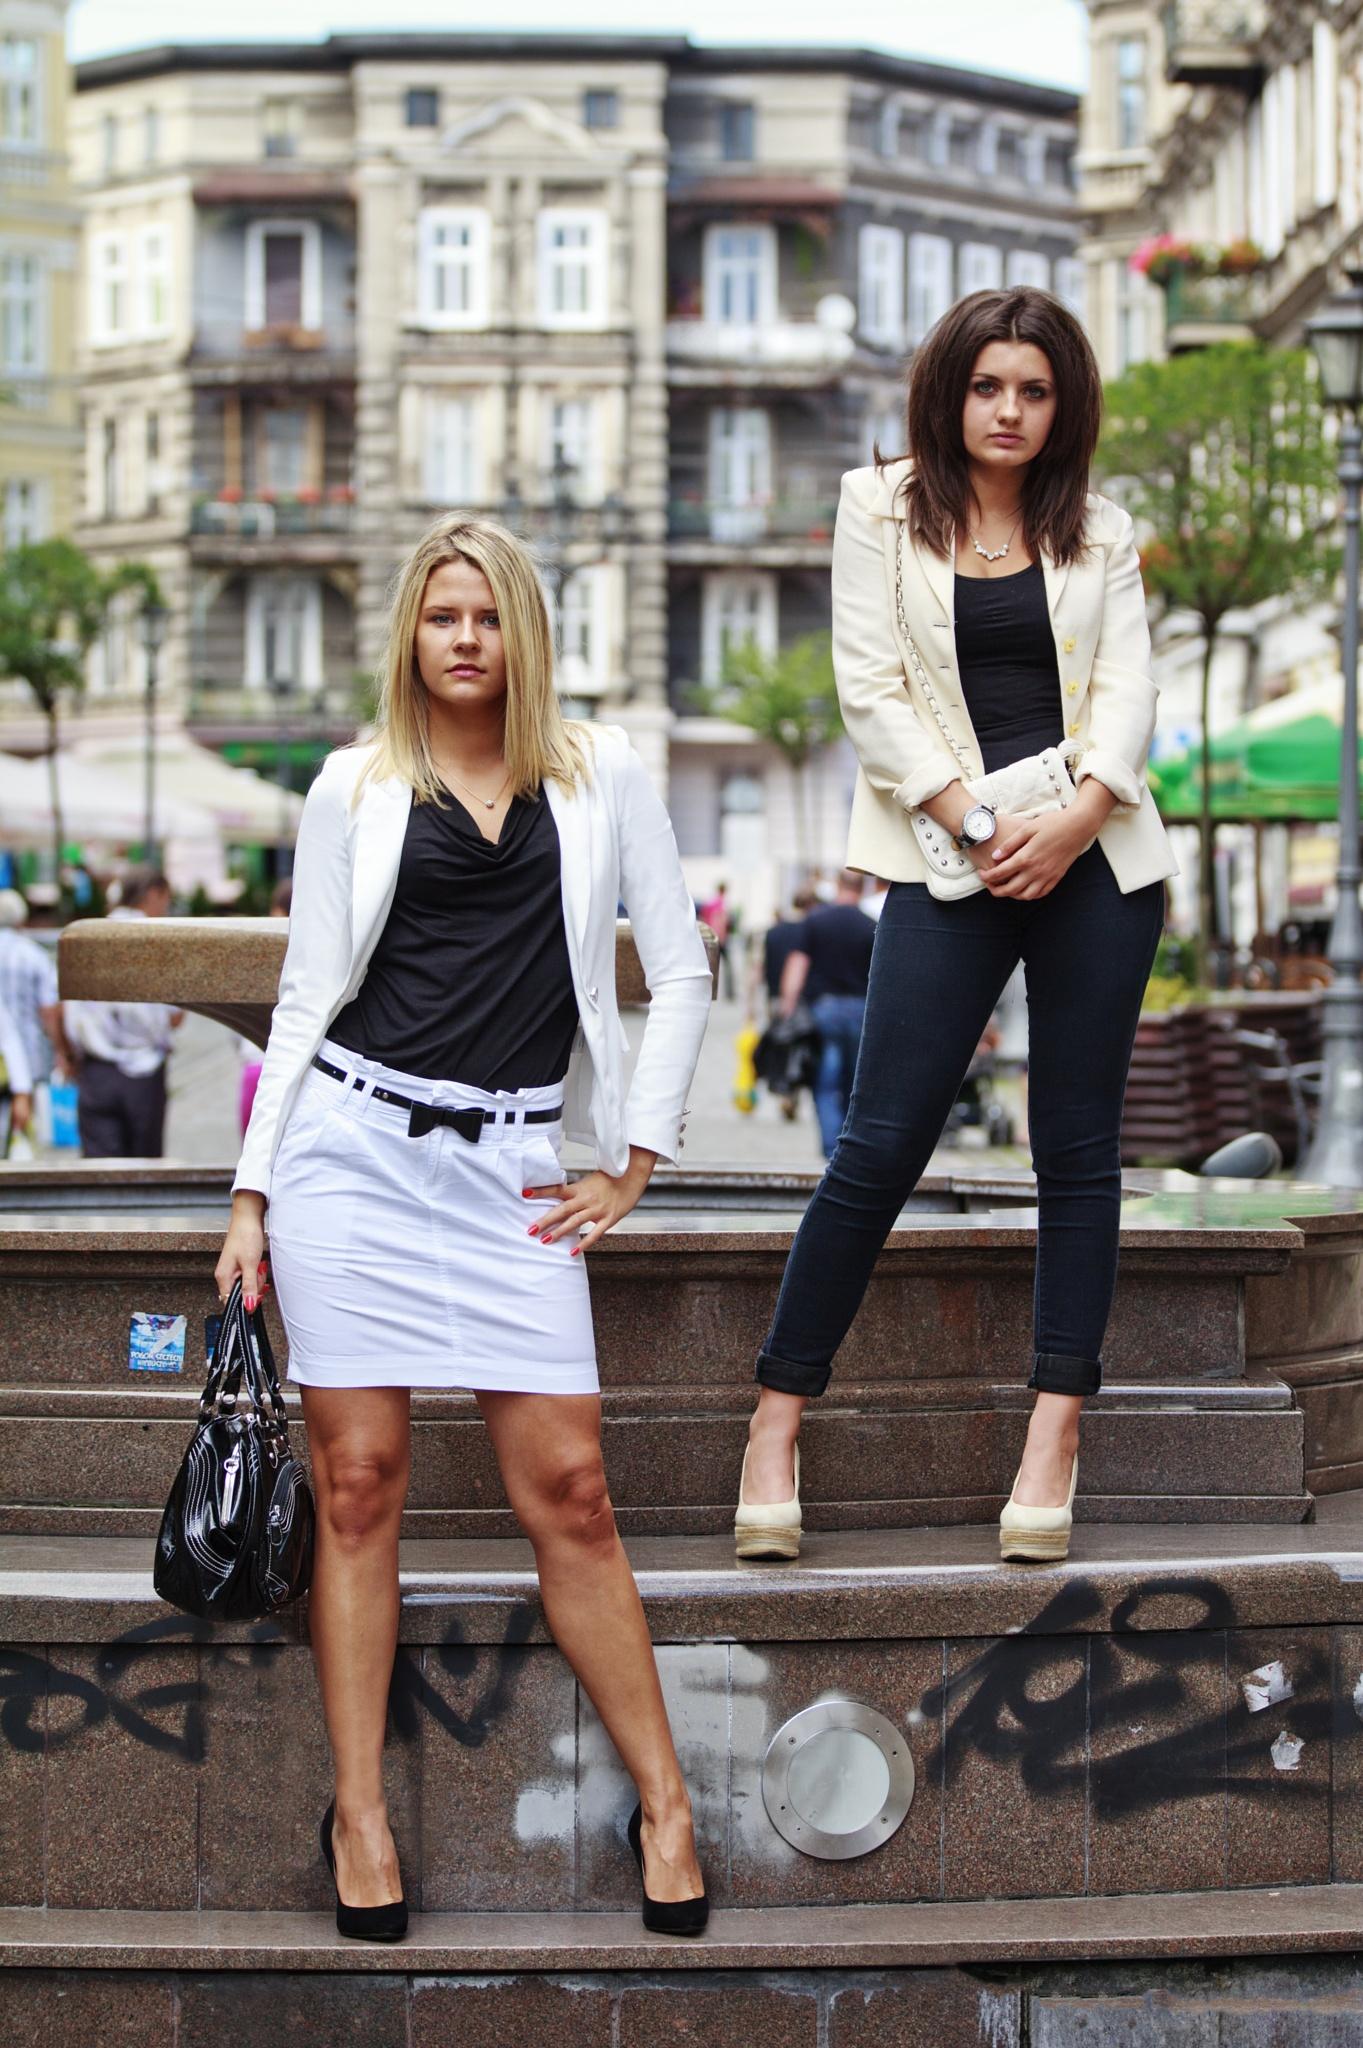 Street fashion by Karolina Hajdysz